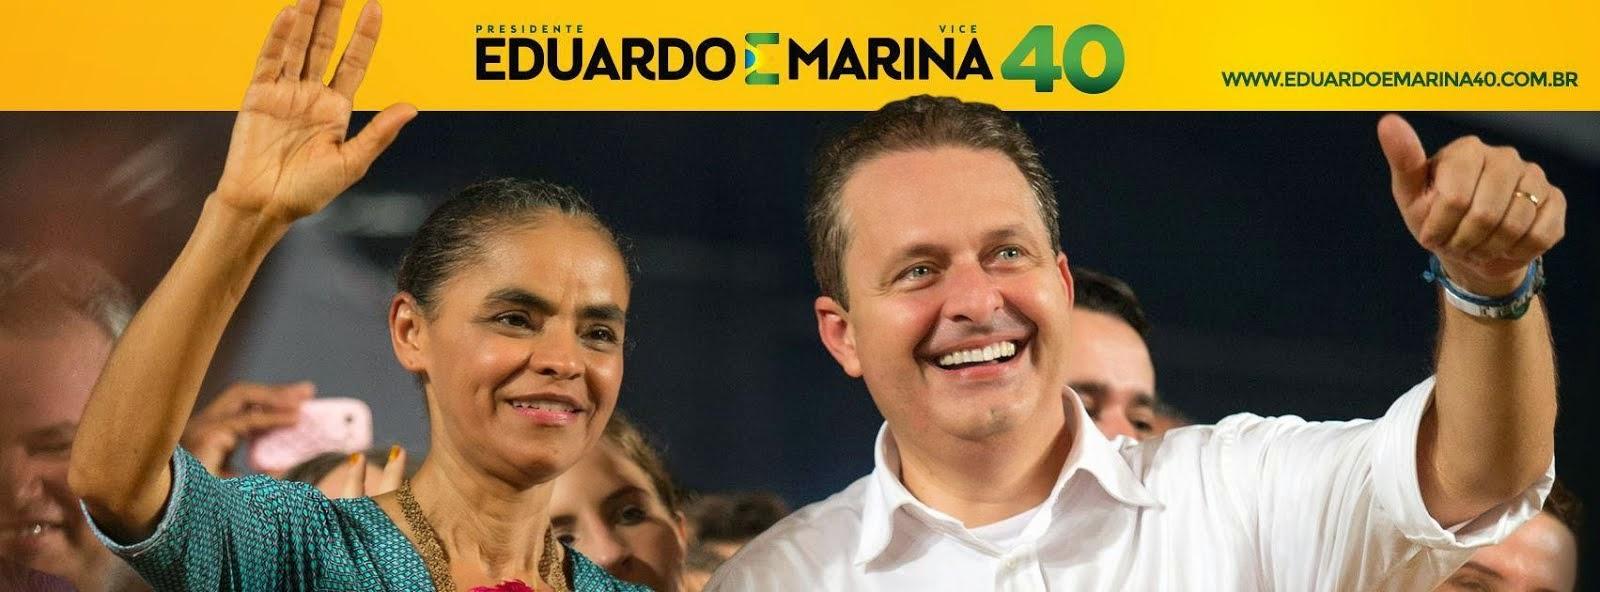 EDUARDO É 40